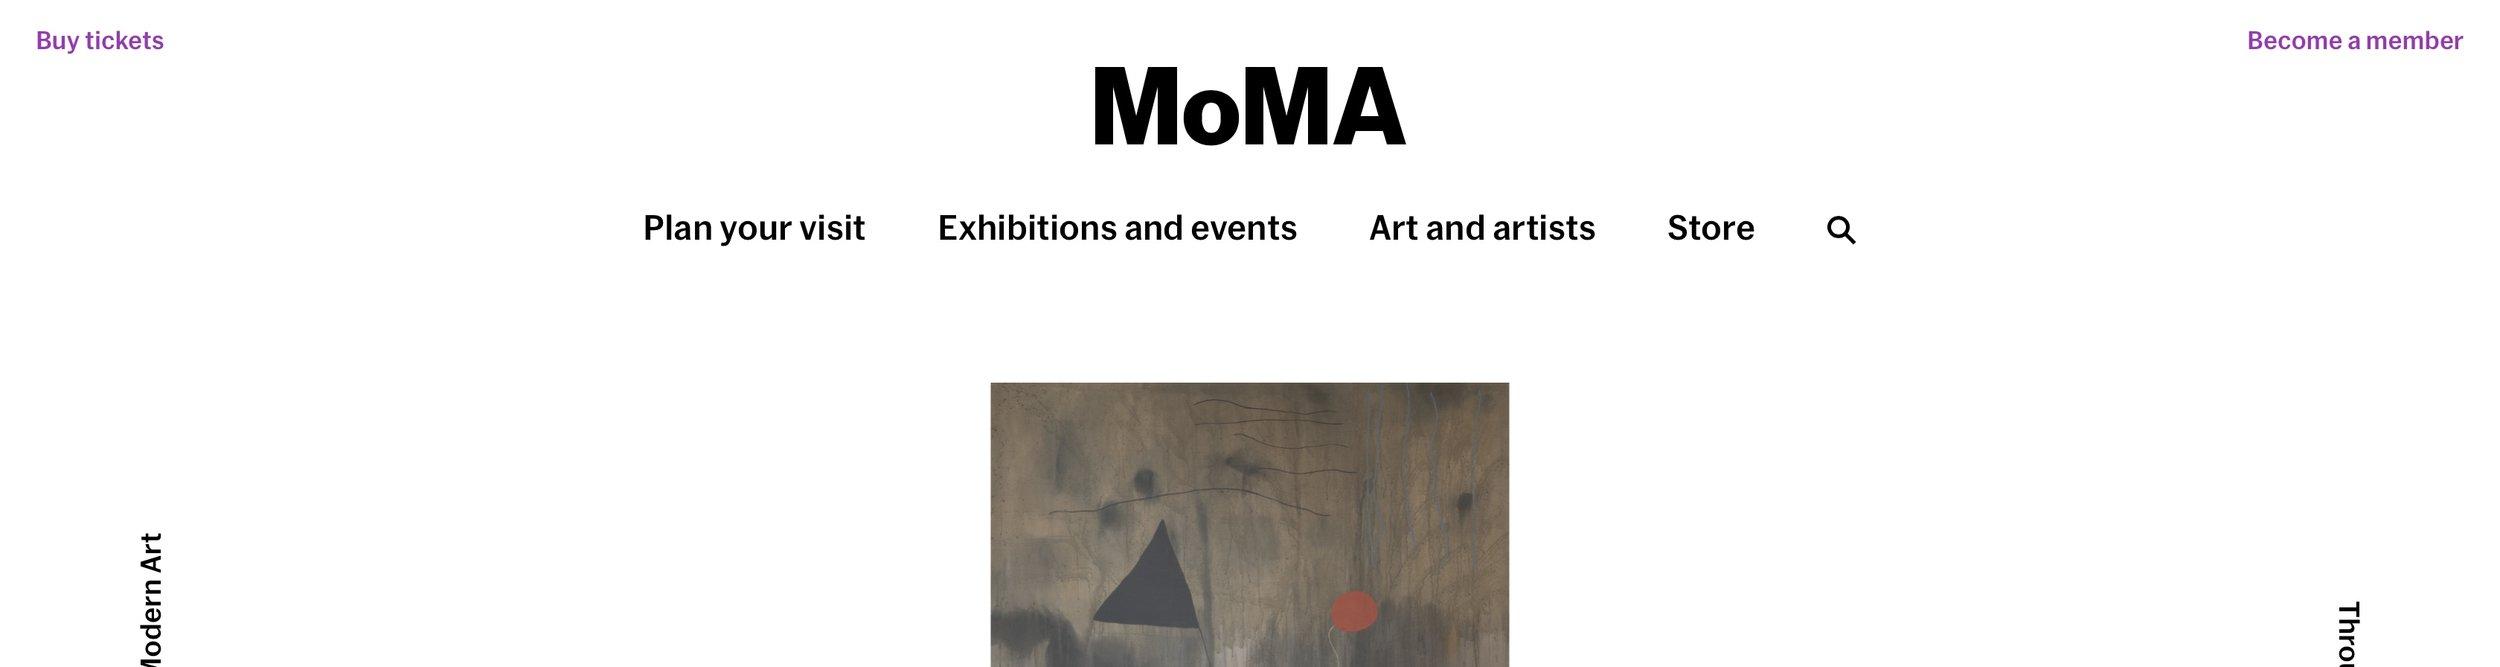 MoMA main navigation